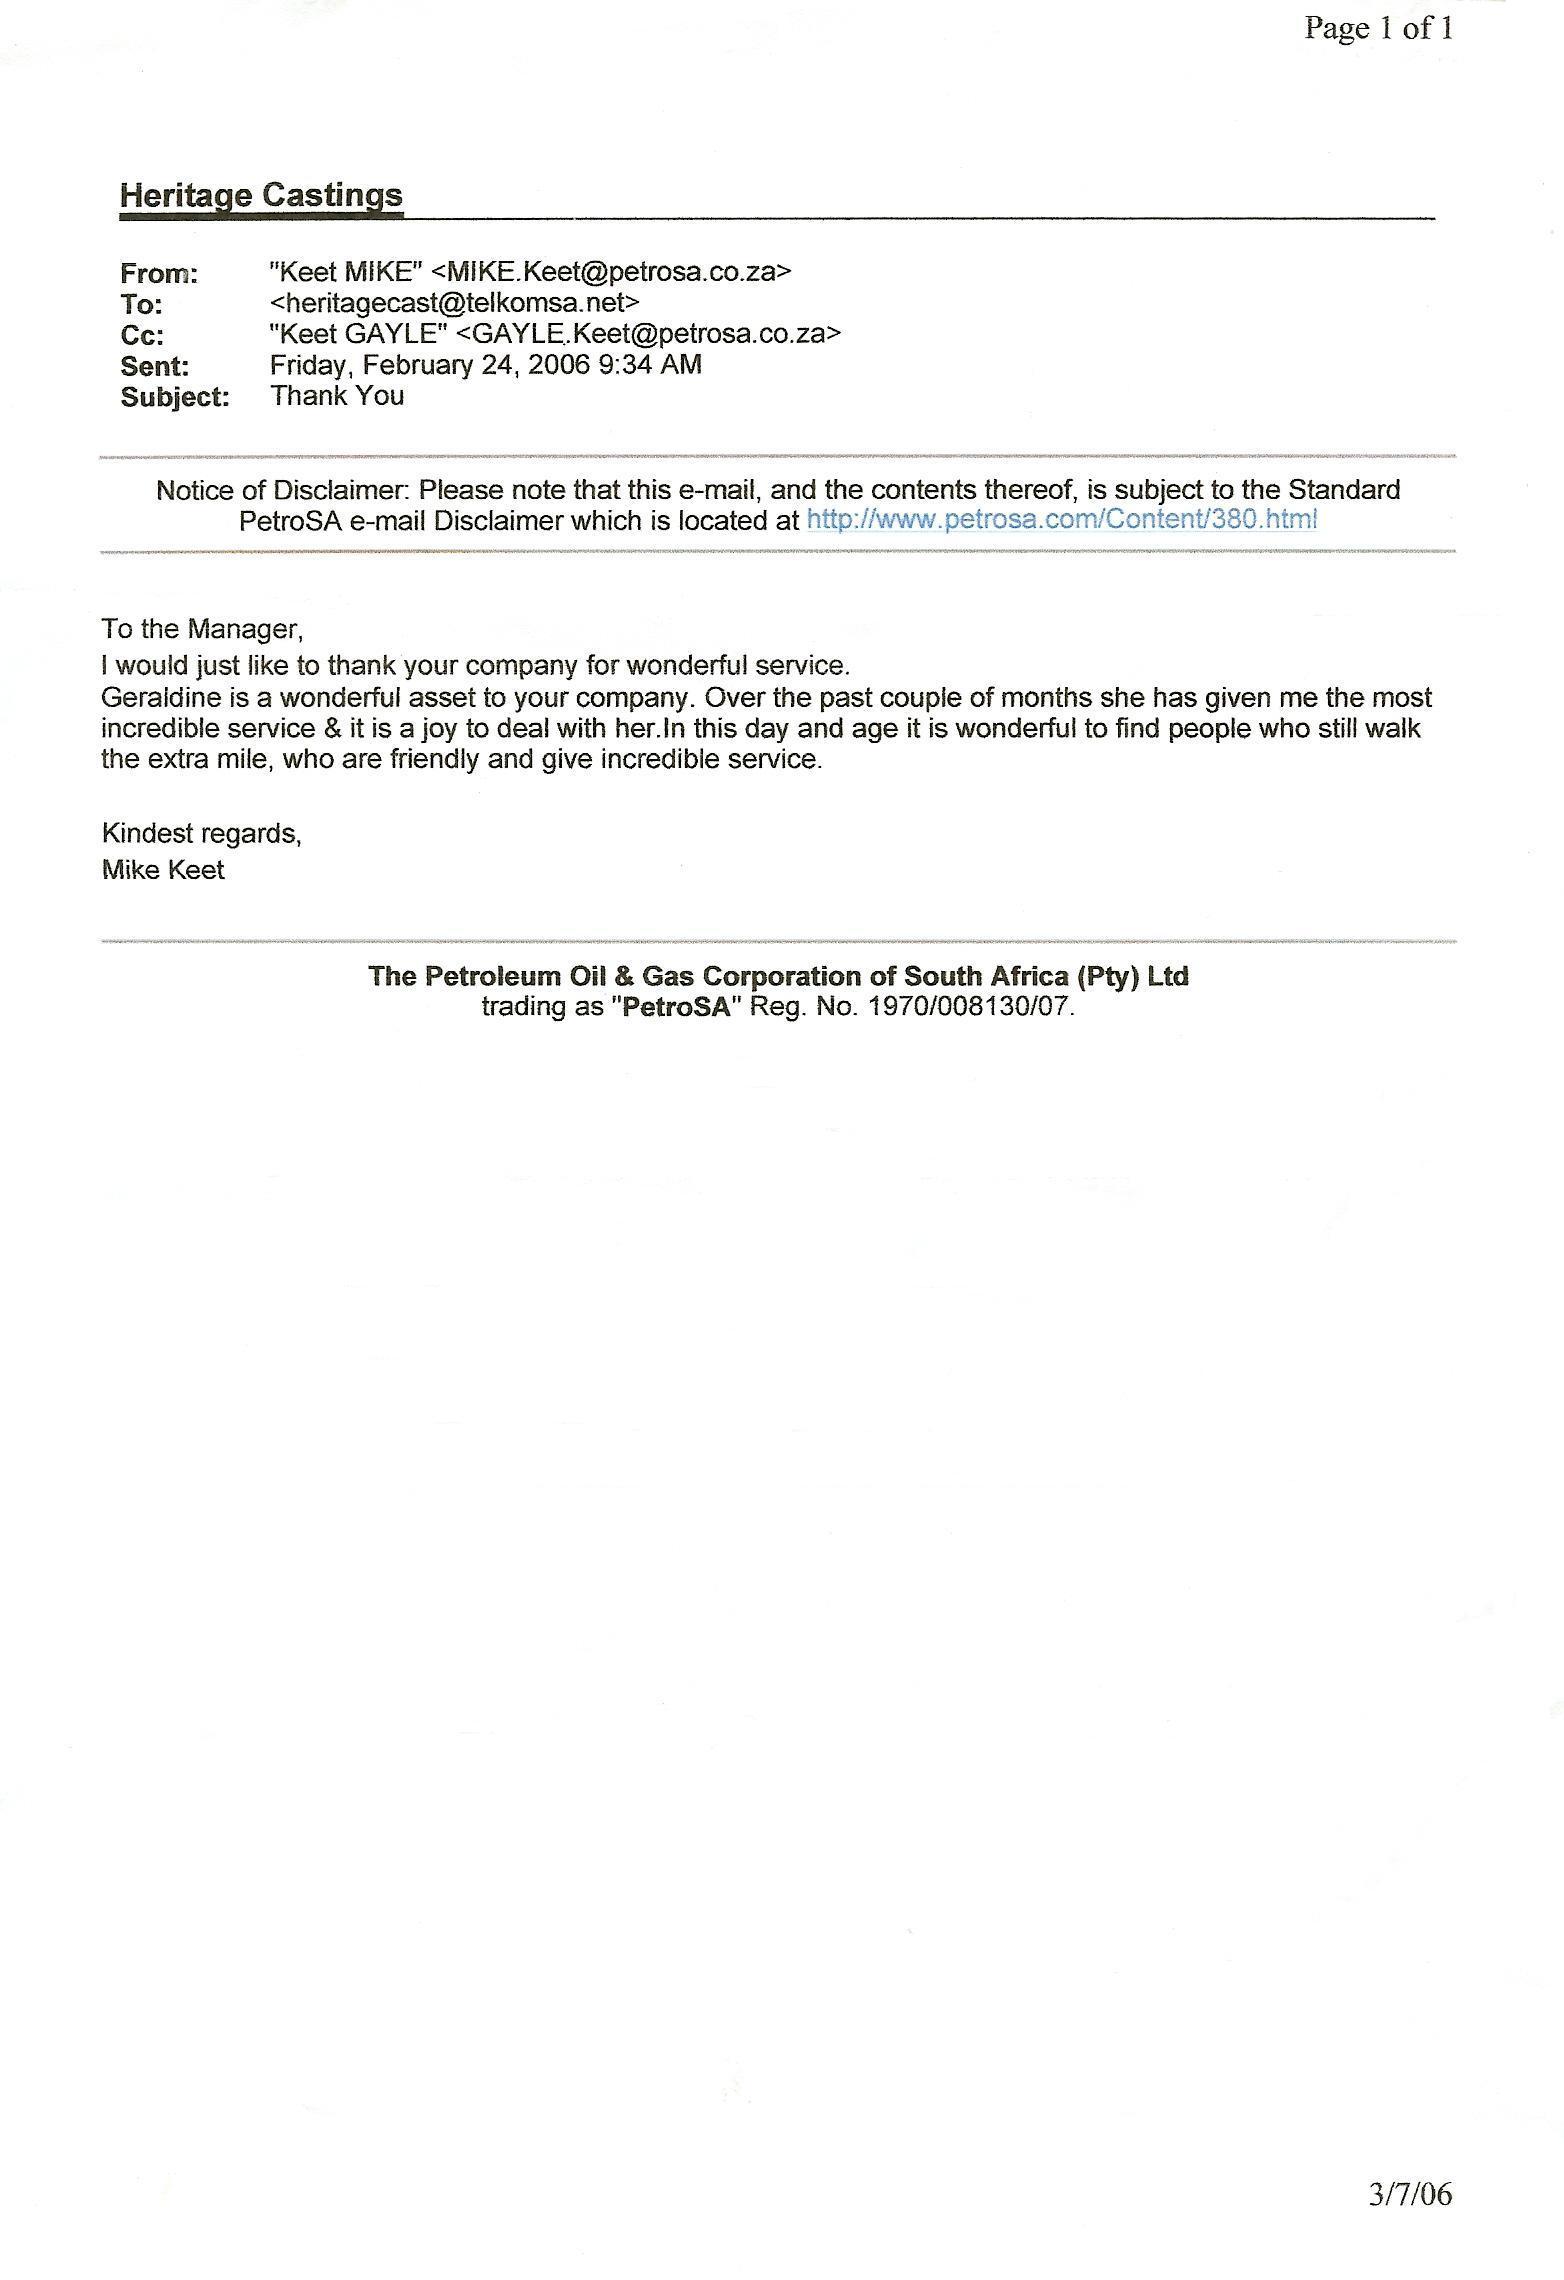 referal letter.jpg